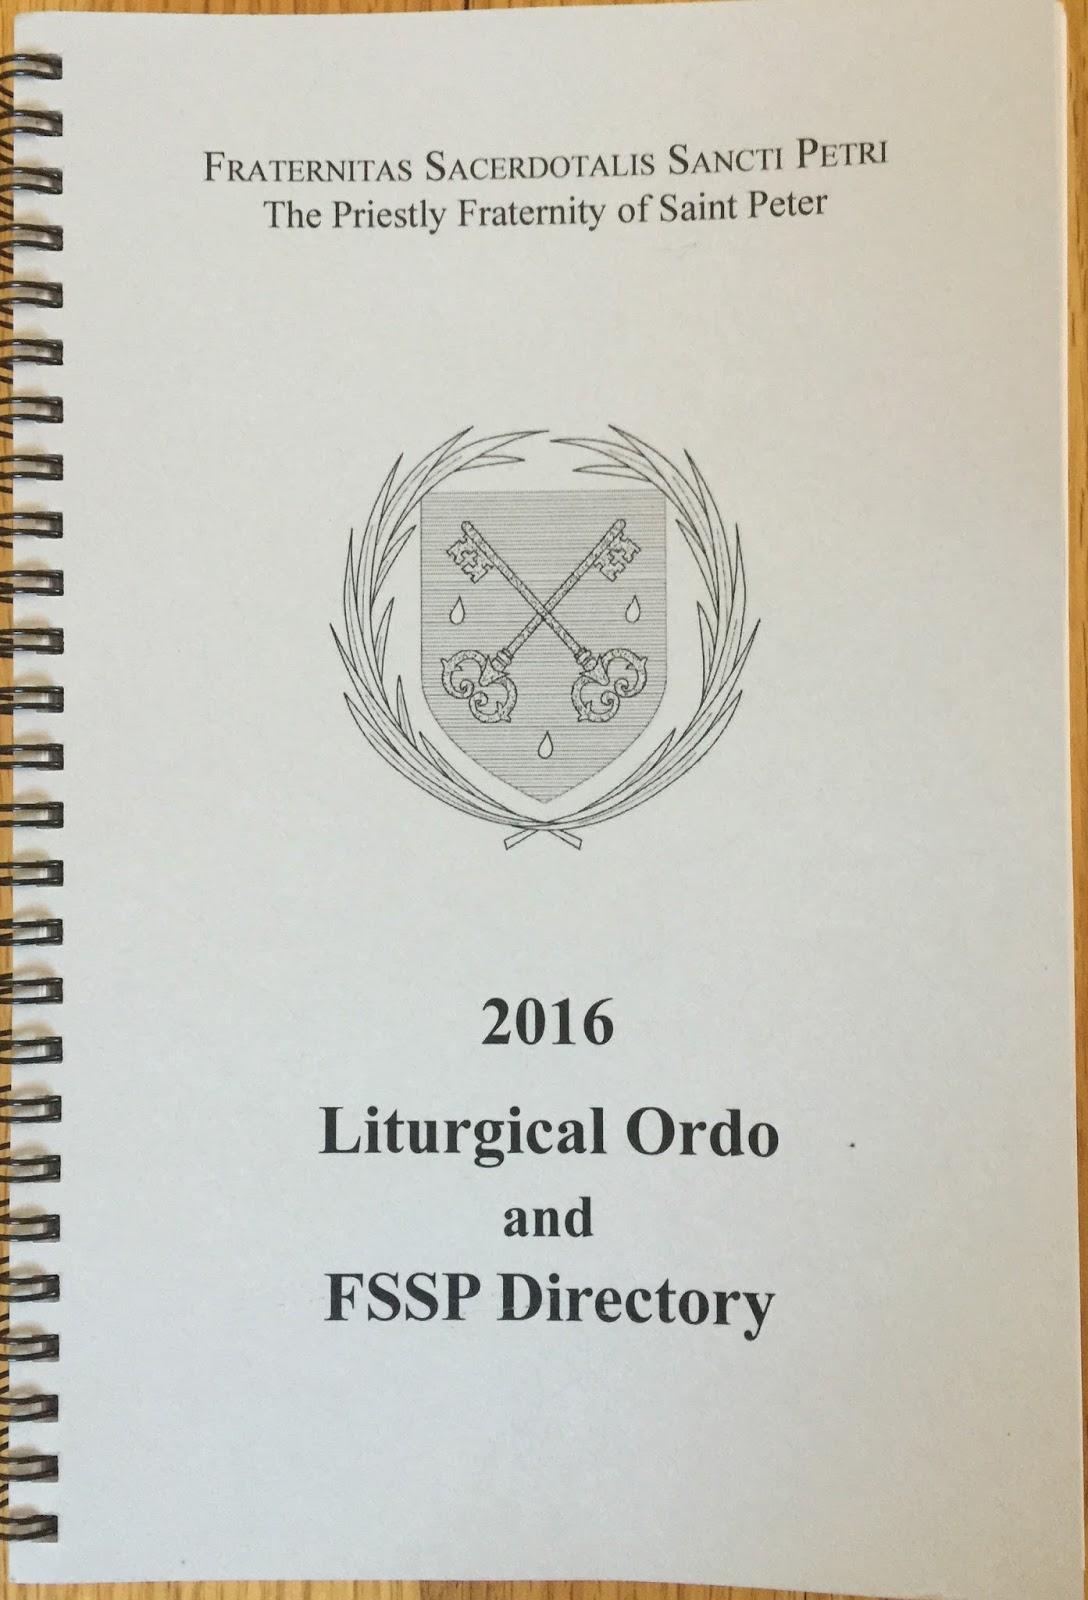 RORATE CÆLI: Rorate Review: FSSP 2016 Liturgical Ordo